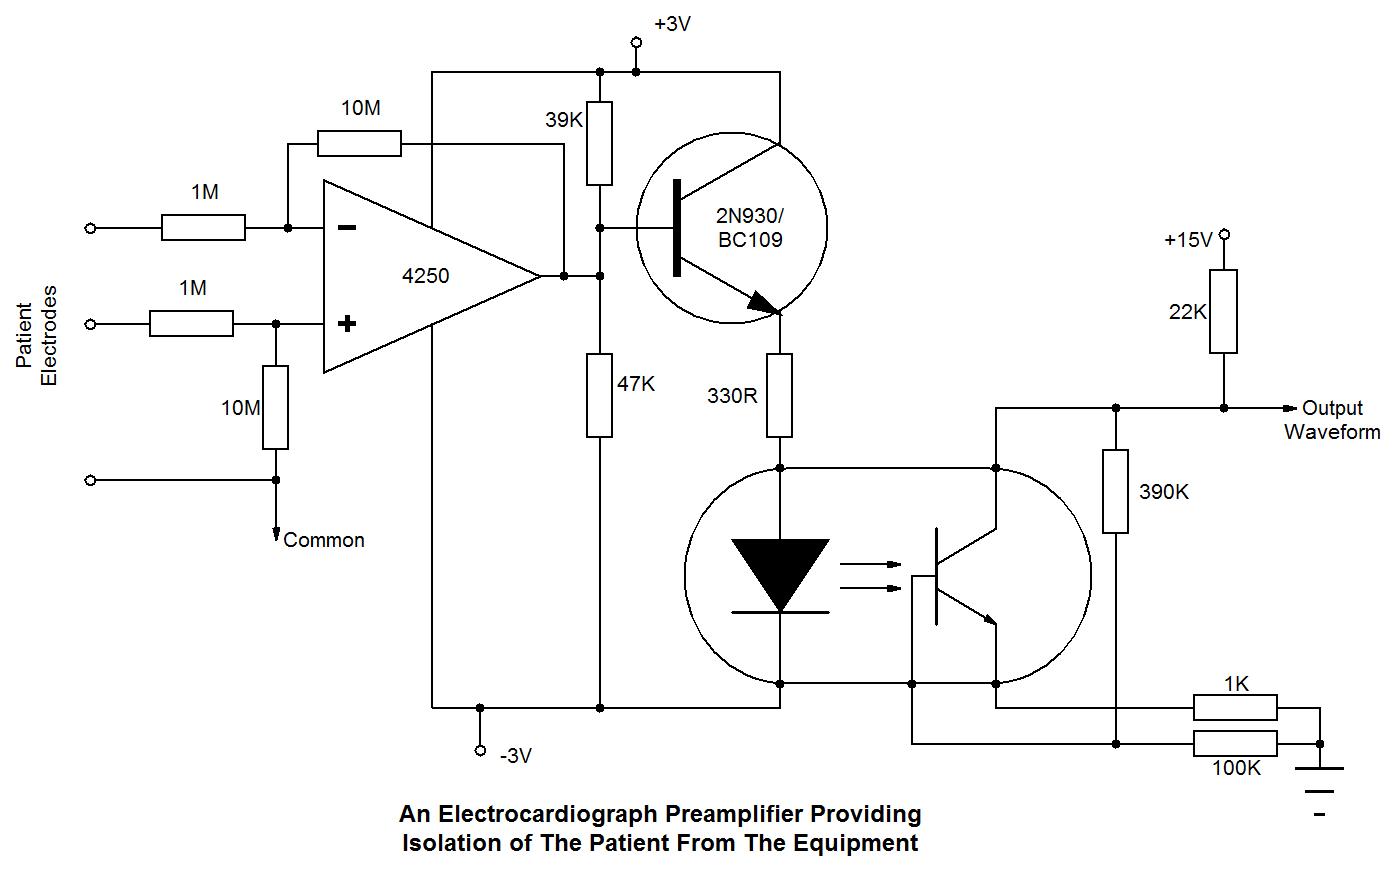 Opto on circuit diagram